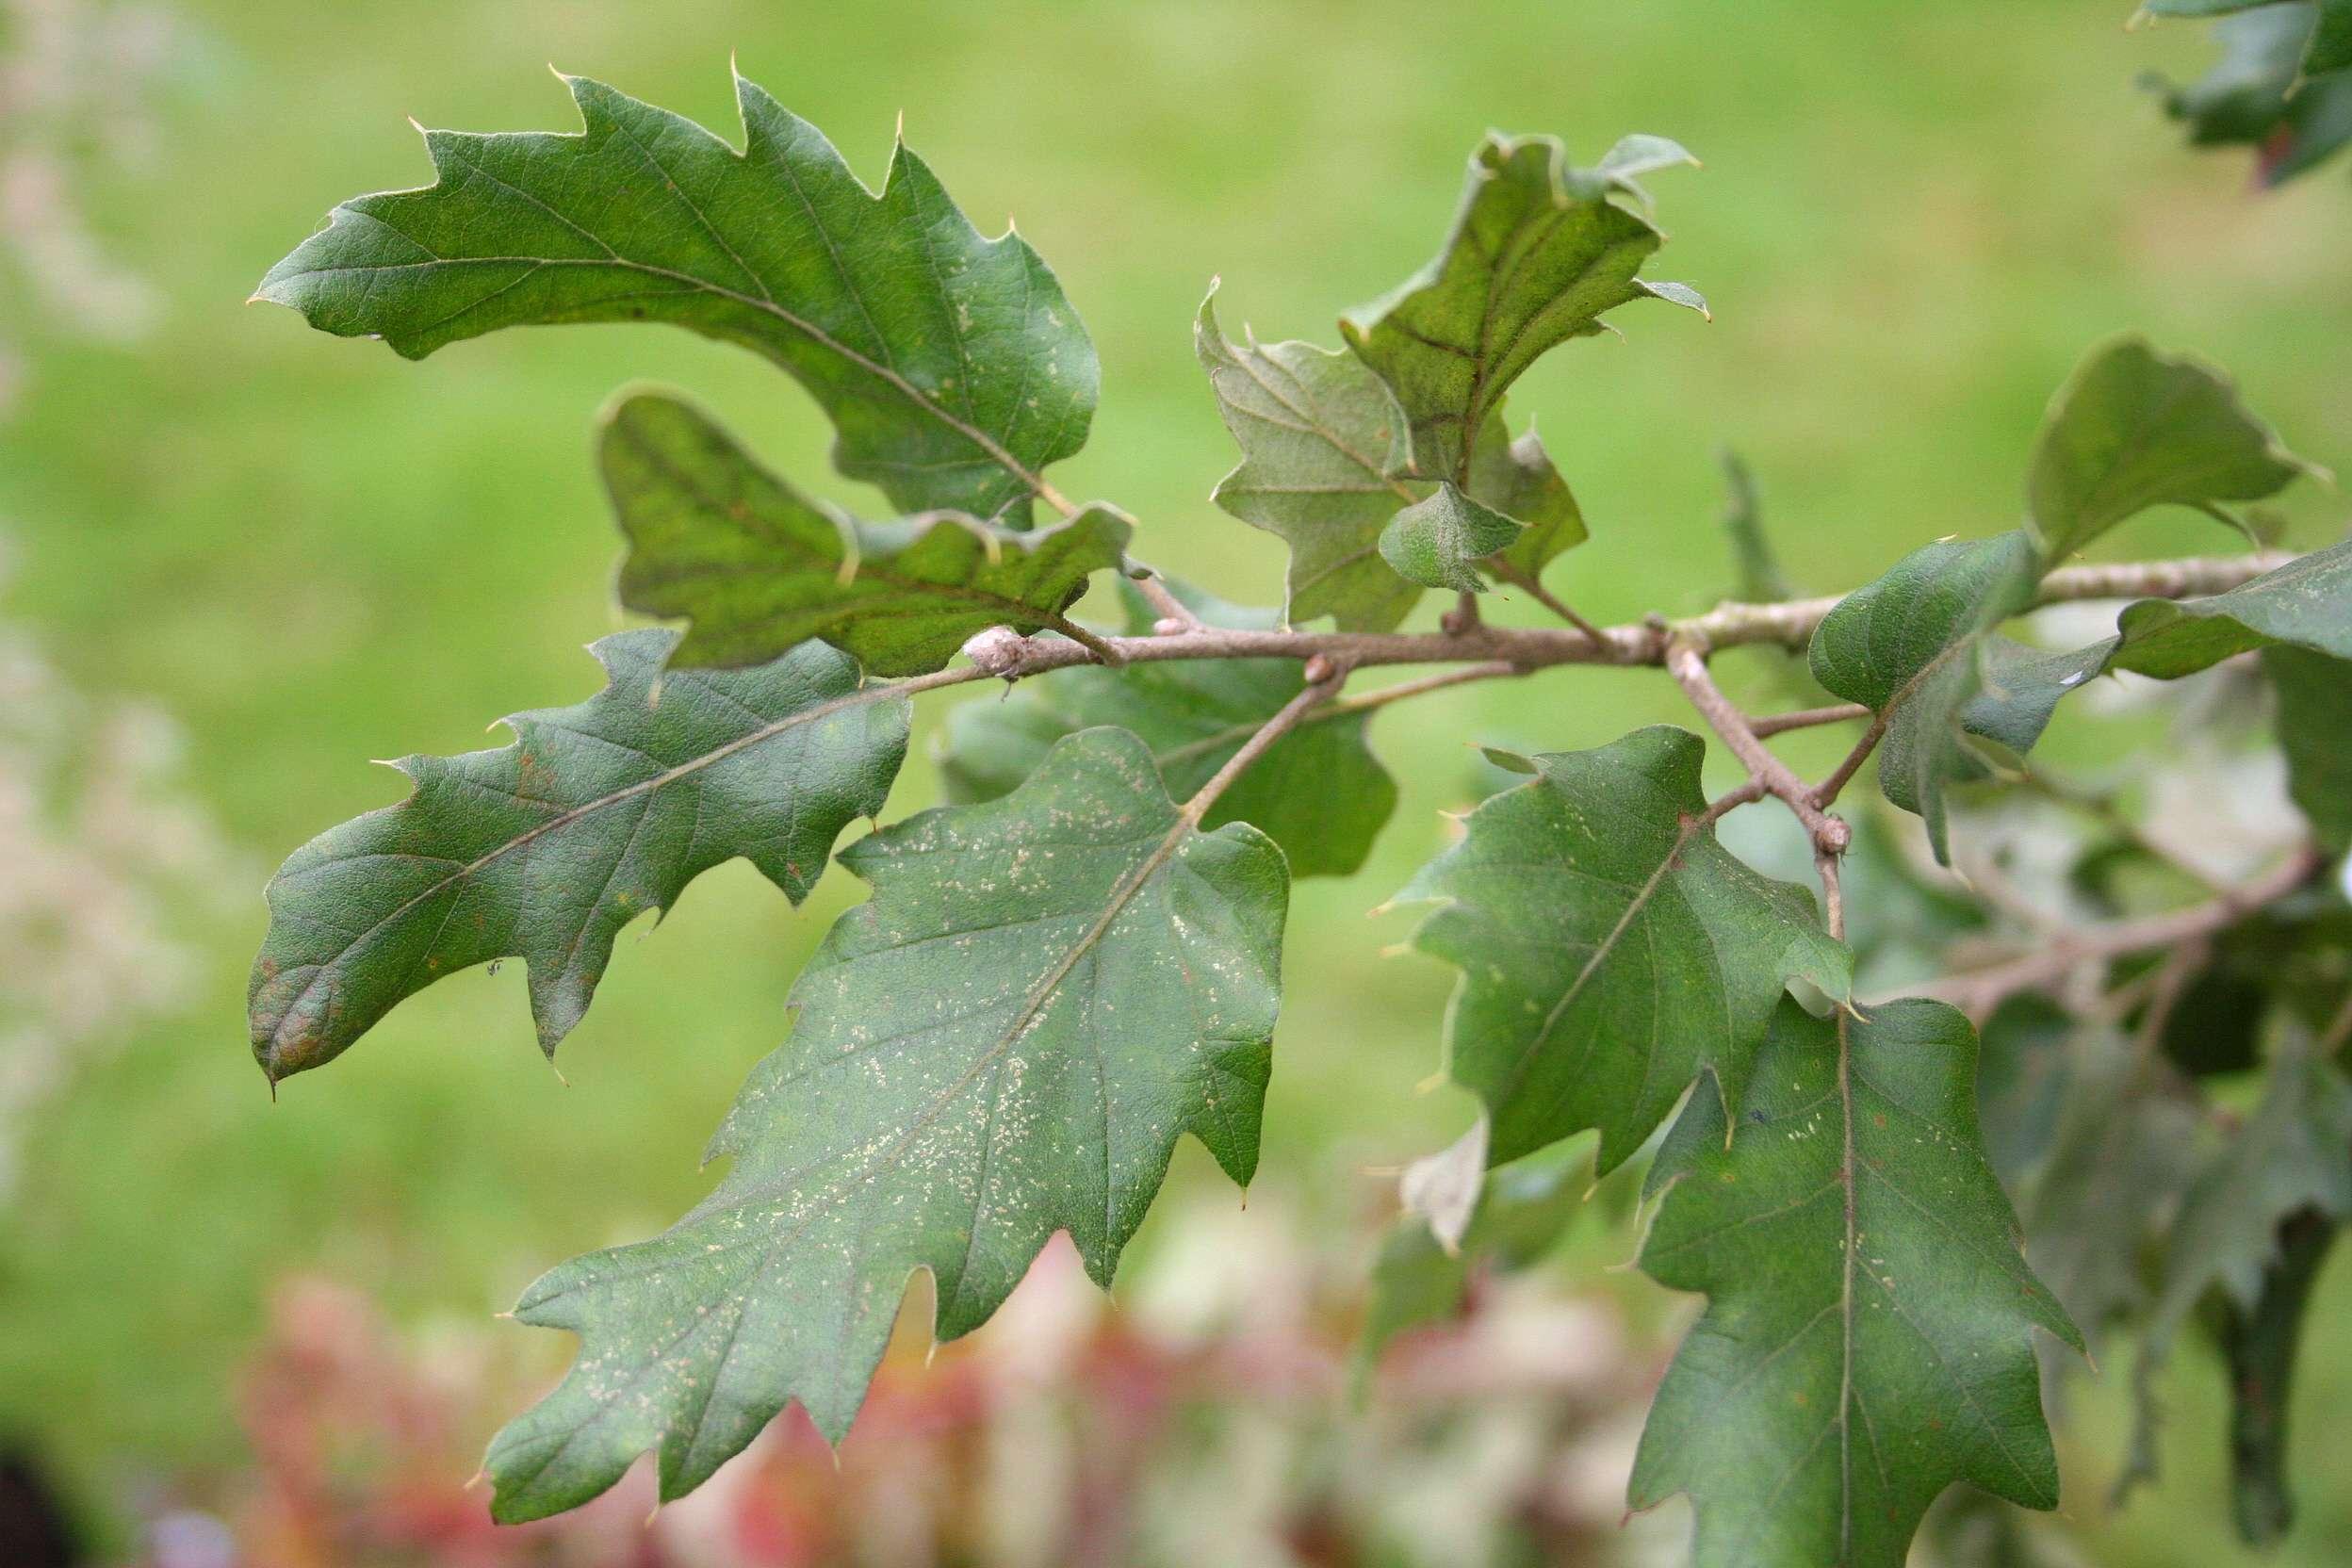 Το δέντρο είναι επίσης γνωστό ως καταφύγιο βιοποικιλότητας, παρέχοντας ανάμεσα στα κλαδιά του και γύρω από τη βάση του κατοικία σε αναρίθμητoυς οργανισμούς.